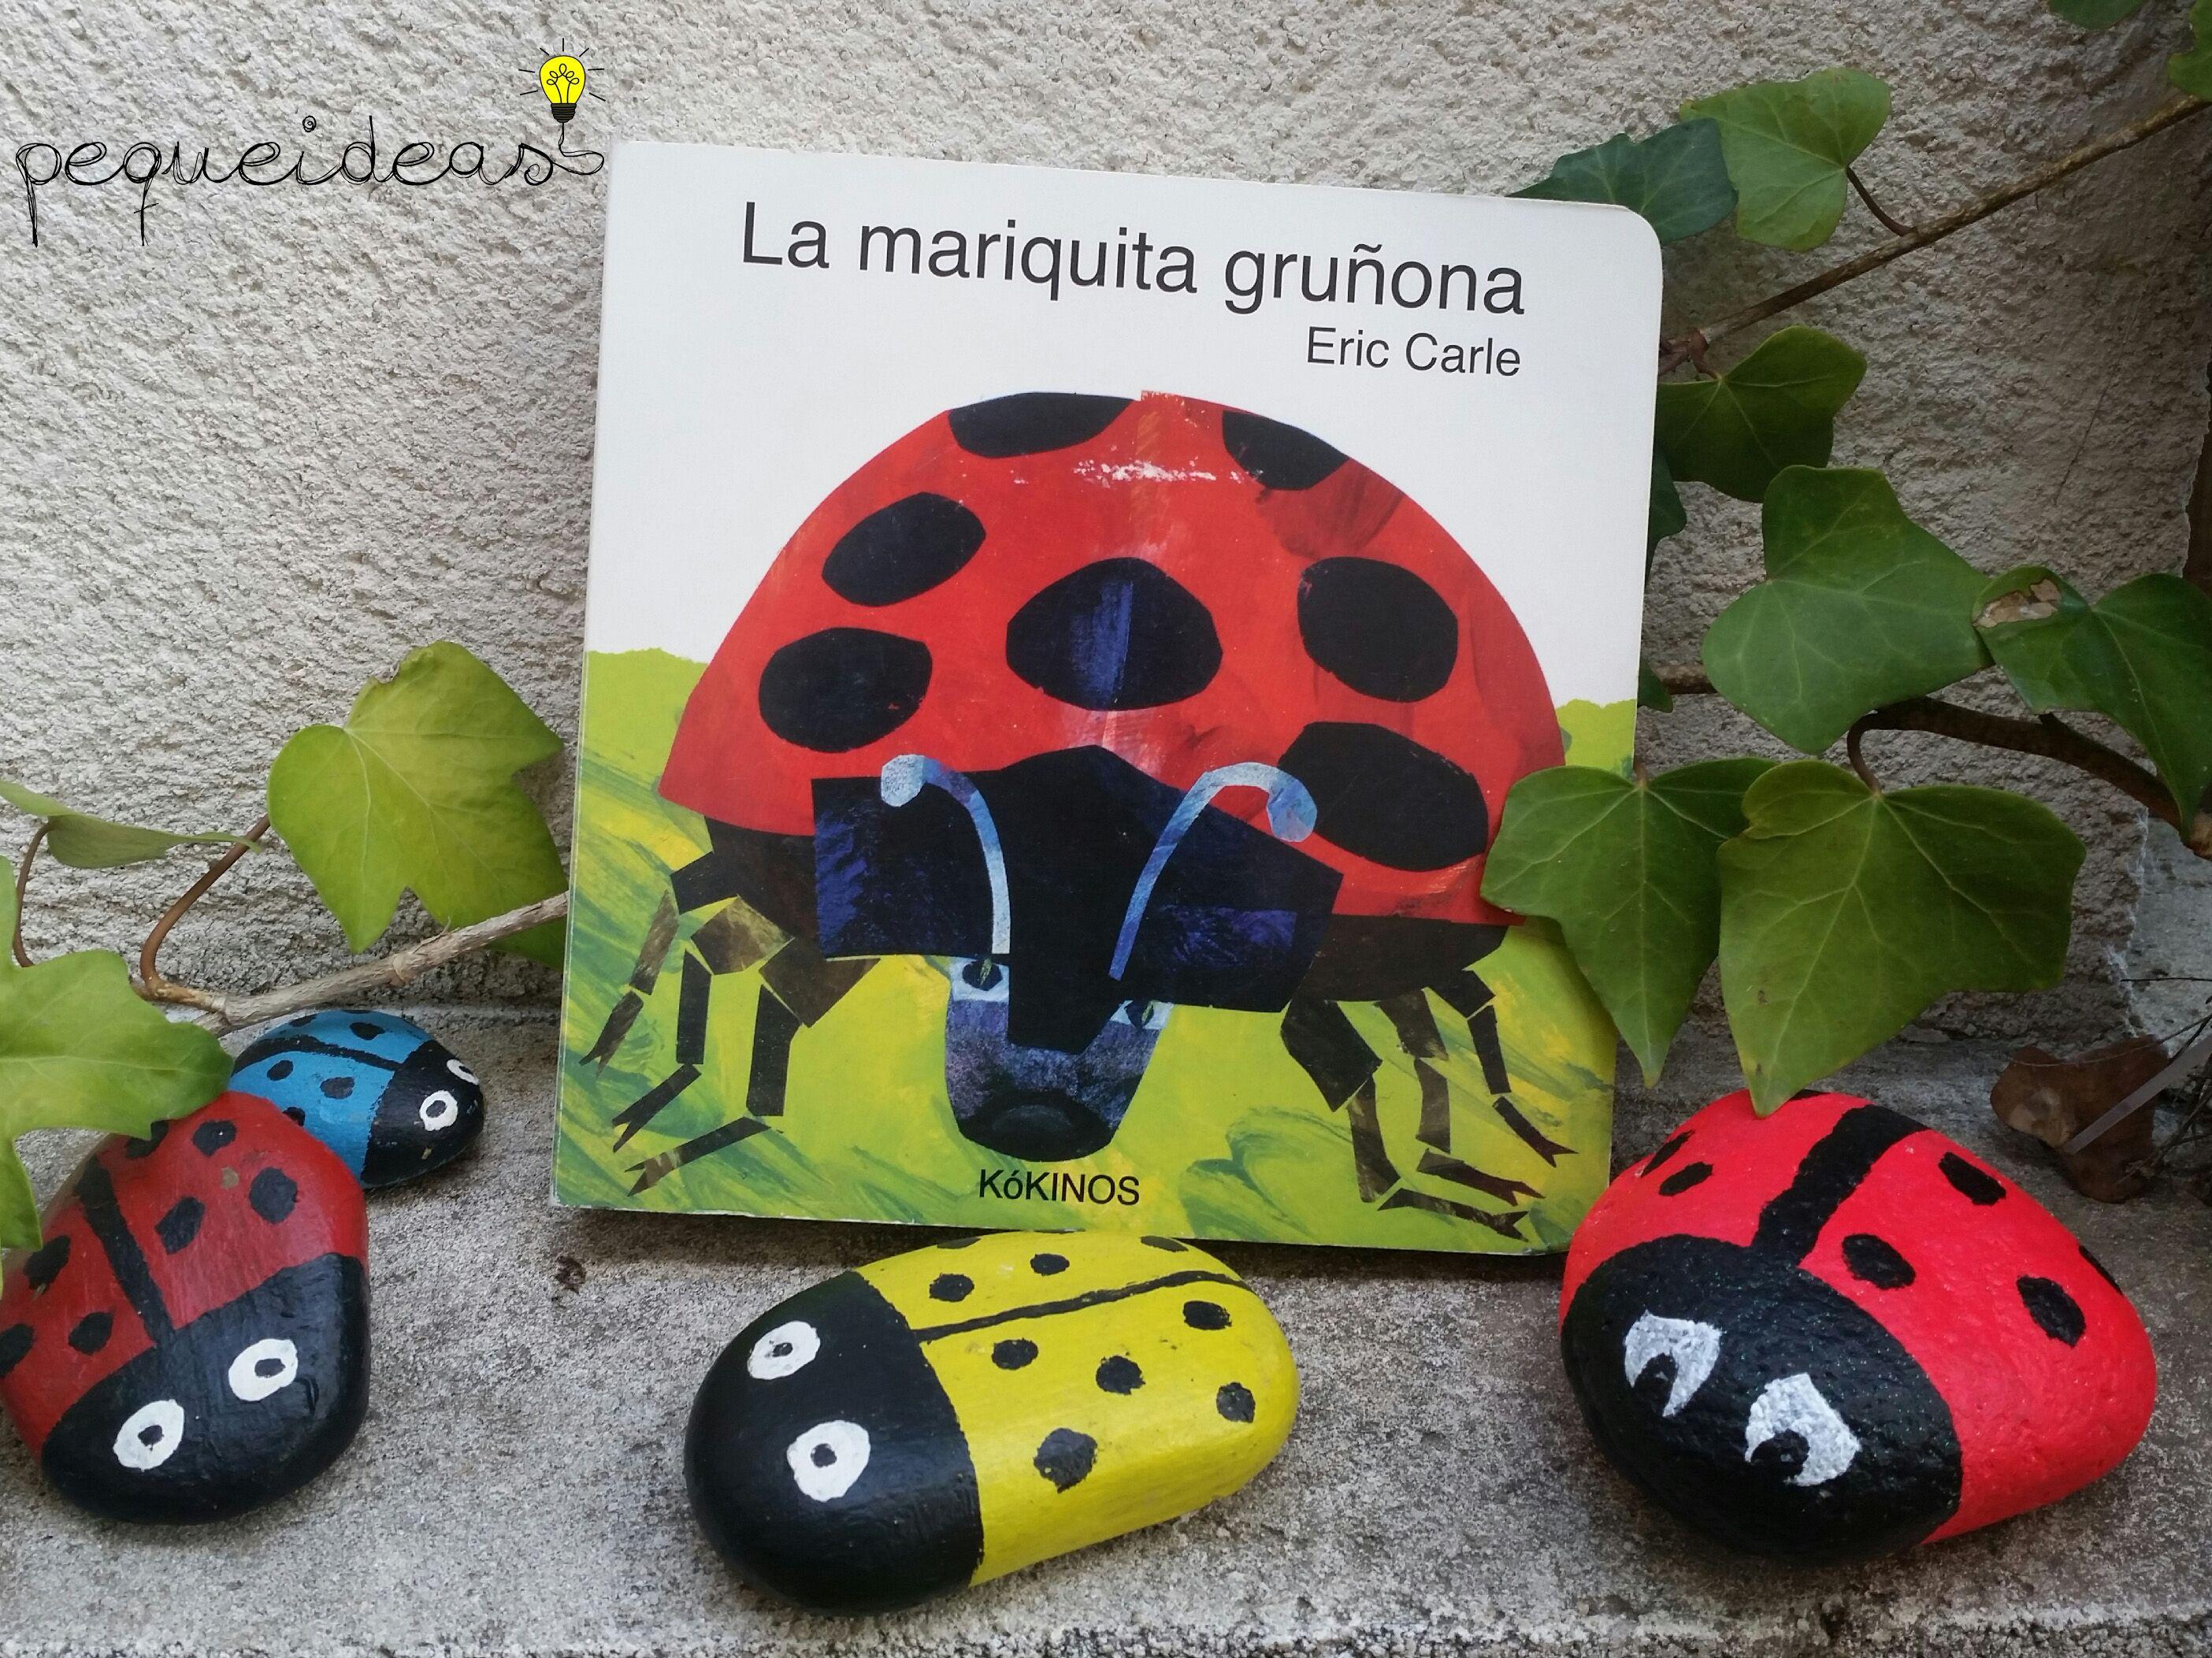 La mariquita gruñona - Piedras pintadas | Actividades con cuentos ...